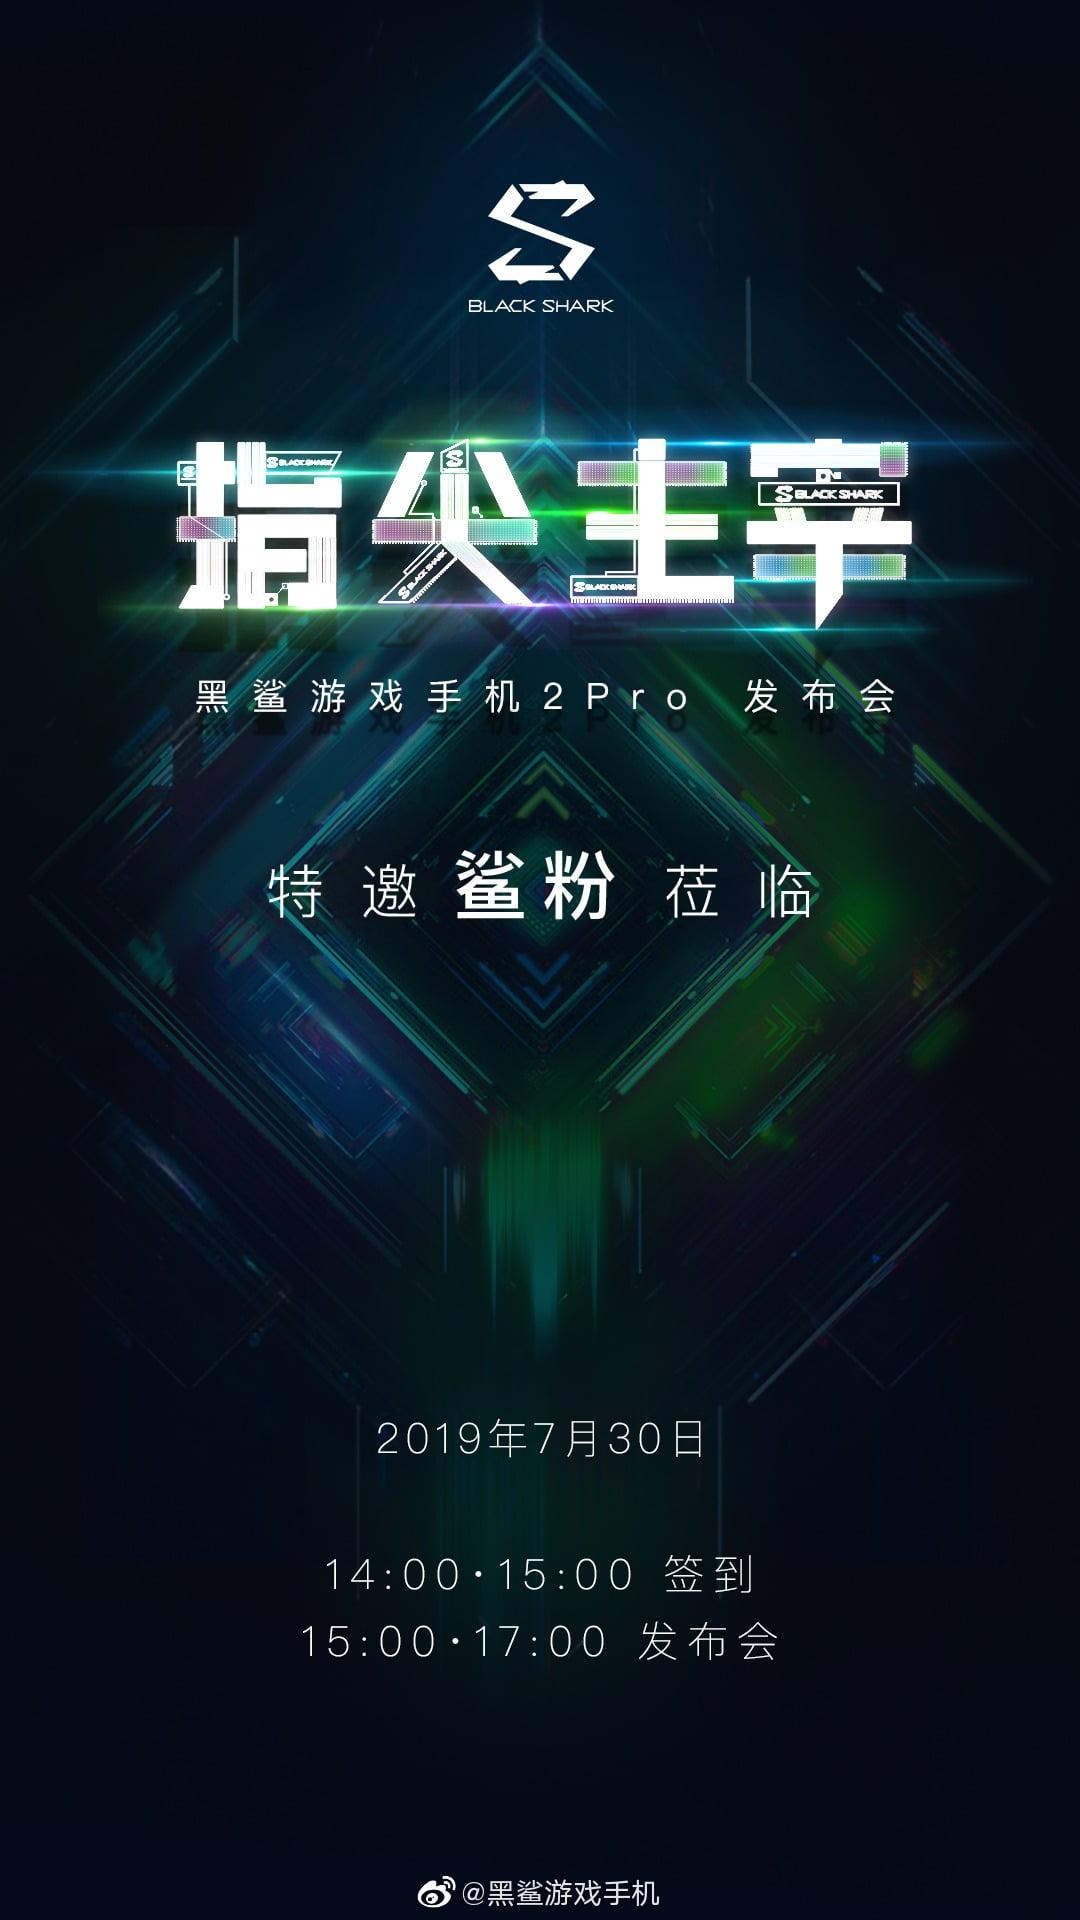 Xiaomi Black Shark 2 Pro Launch Date